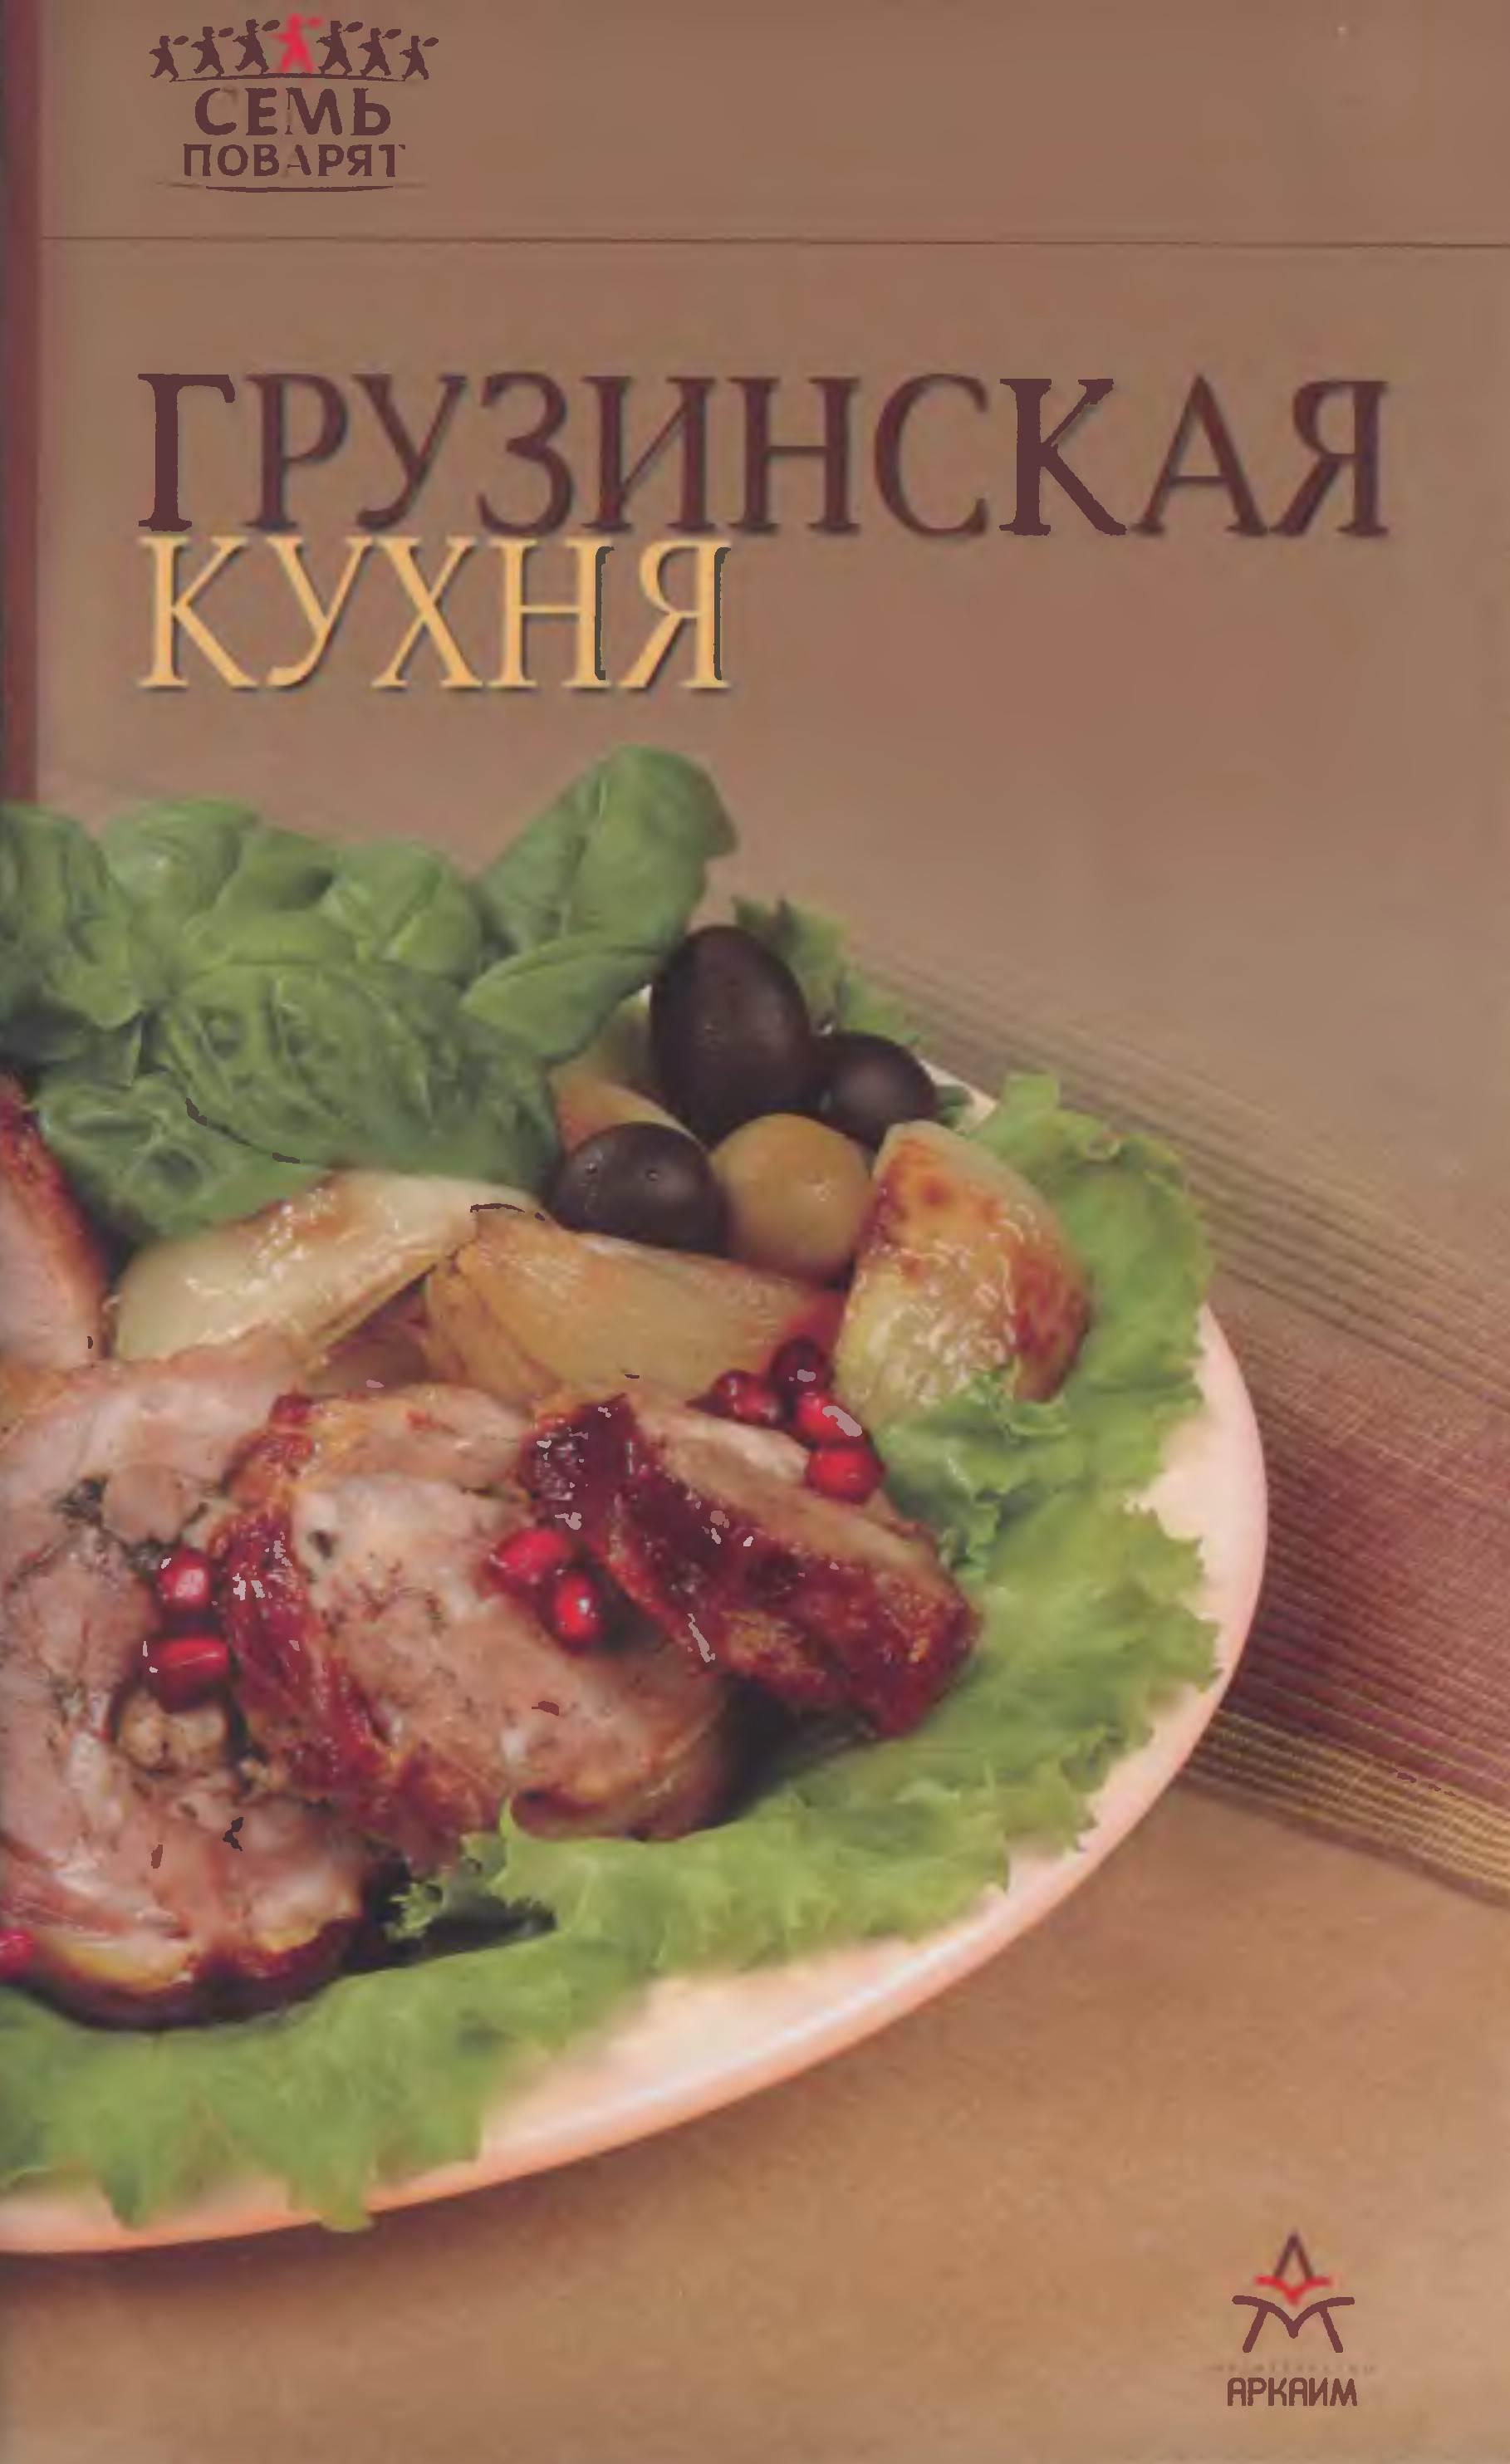 Sem povaryat. Gruzinskaya kuhnya Победители конкурса на любимый рецепт к Рождеству